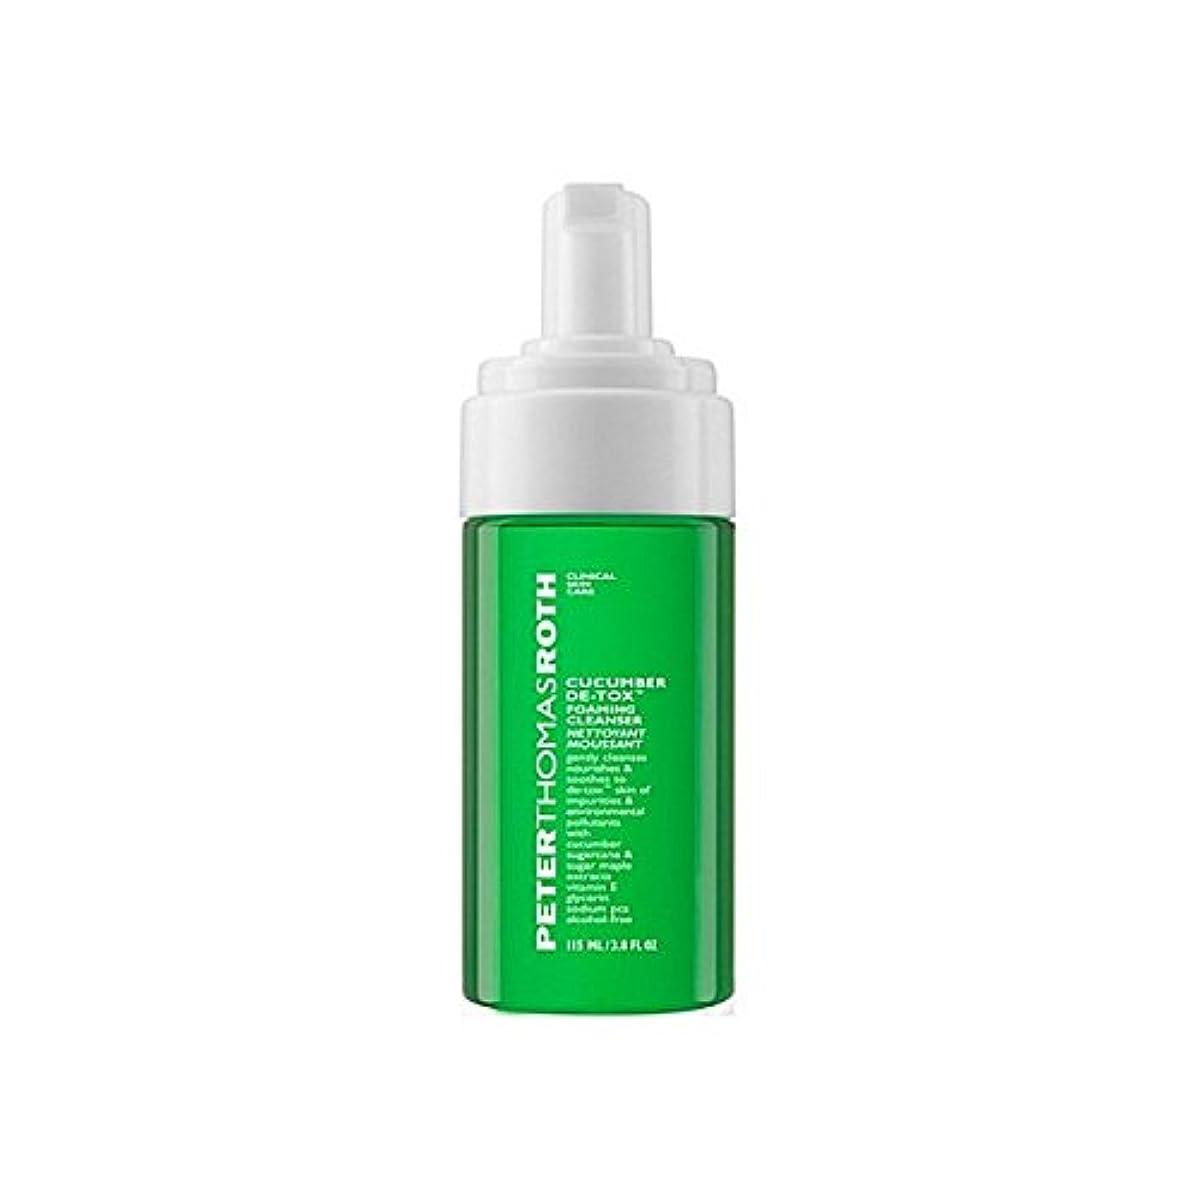 地下鉄肯定的まもなくピータートーマスロスキュウリデ発泡クレンザー x2 - Peter Thomas Roth Cucumber De-Tox Foaming Cleanser (Pack of 2) [並行輸入品]